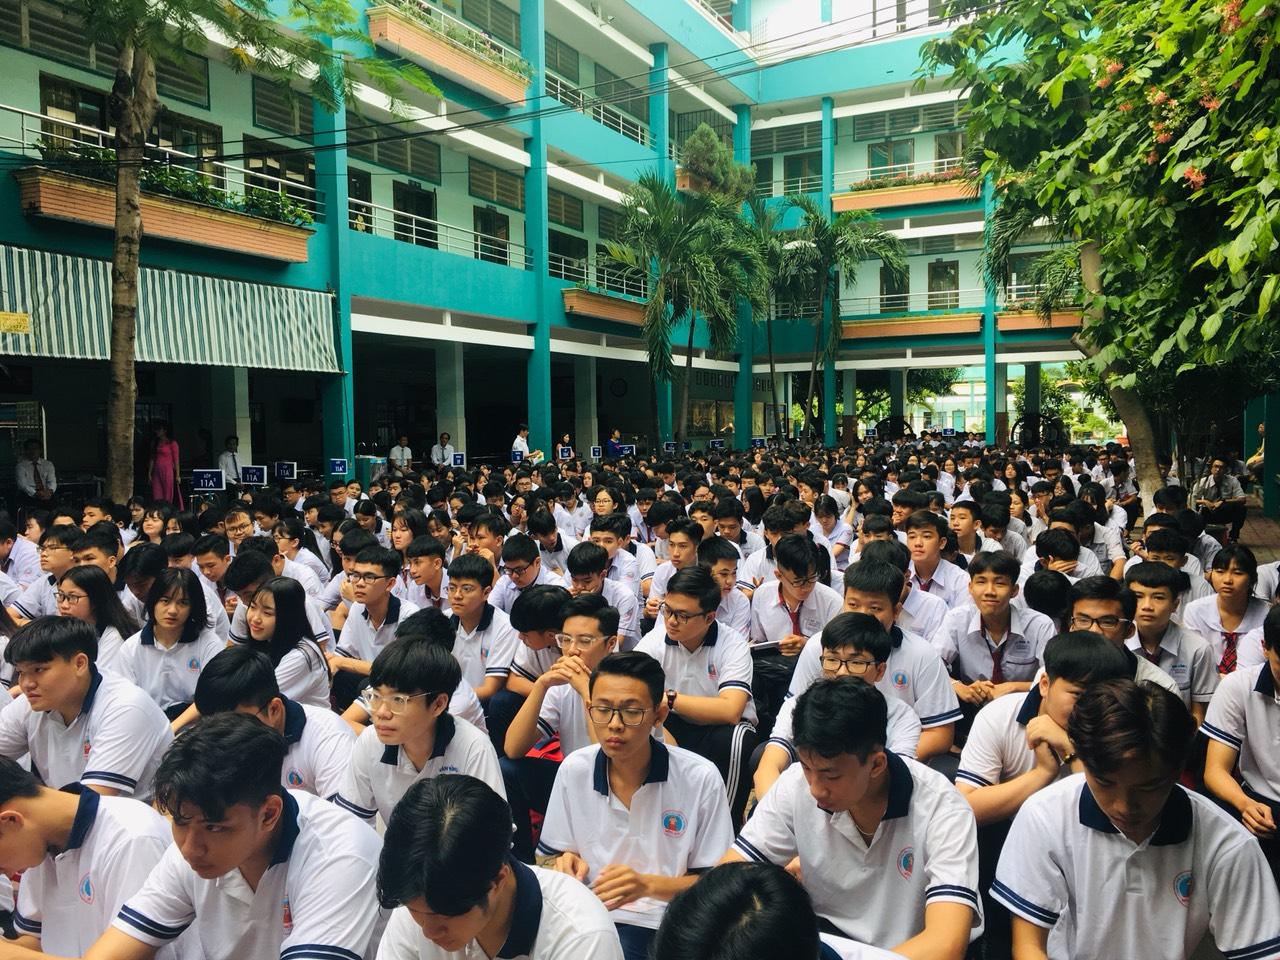 Tại sao trường nội trú tốt nhất lại phù hợp để giảm áp lực thi vào cấp 3? – truongtuthucchatluongtaitphcm